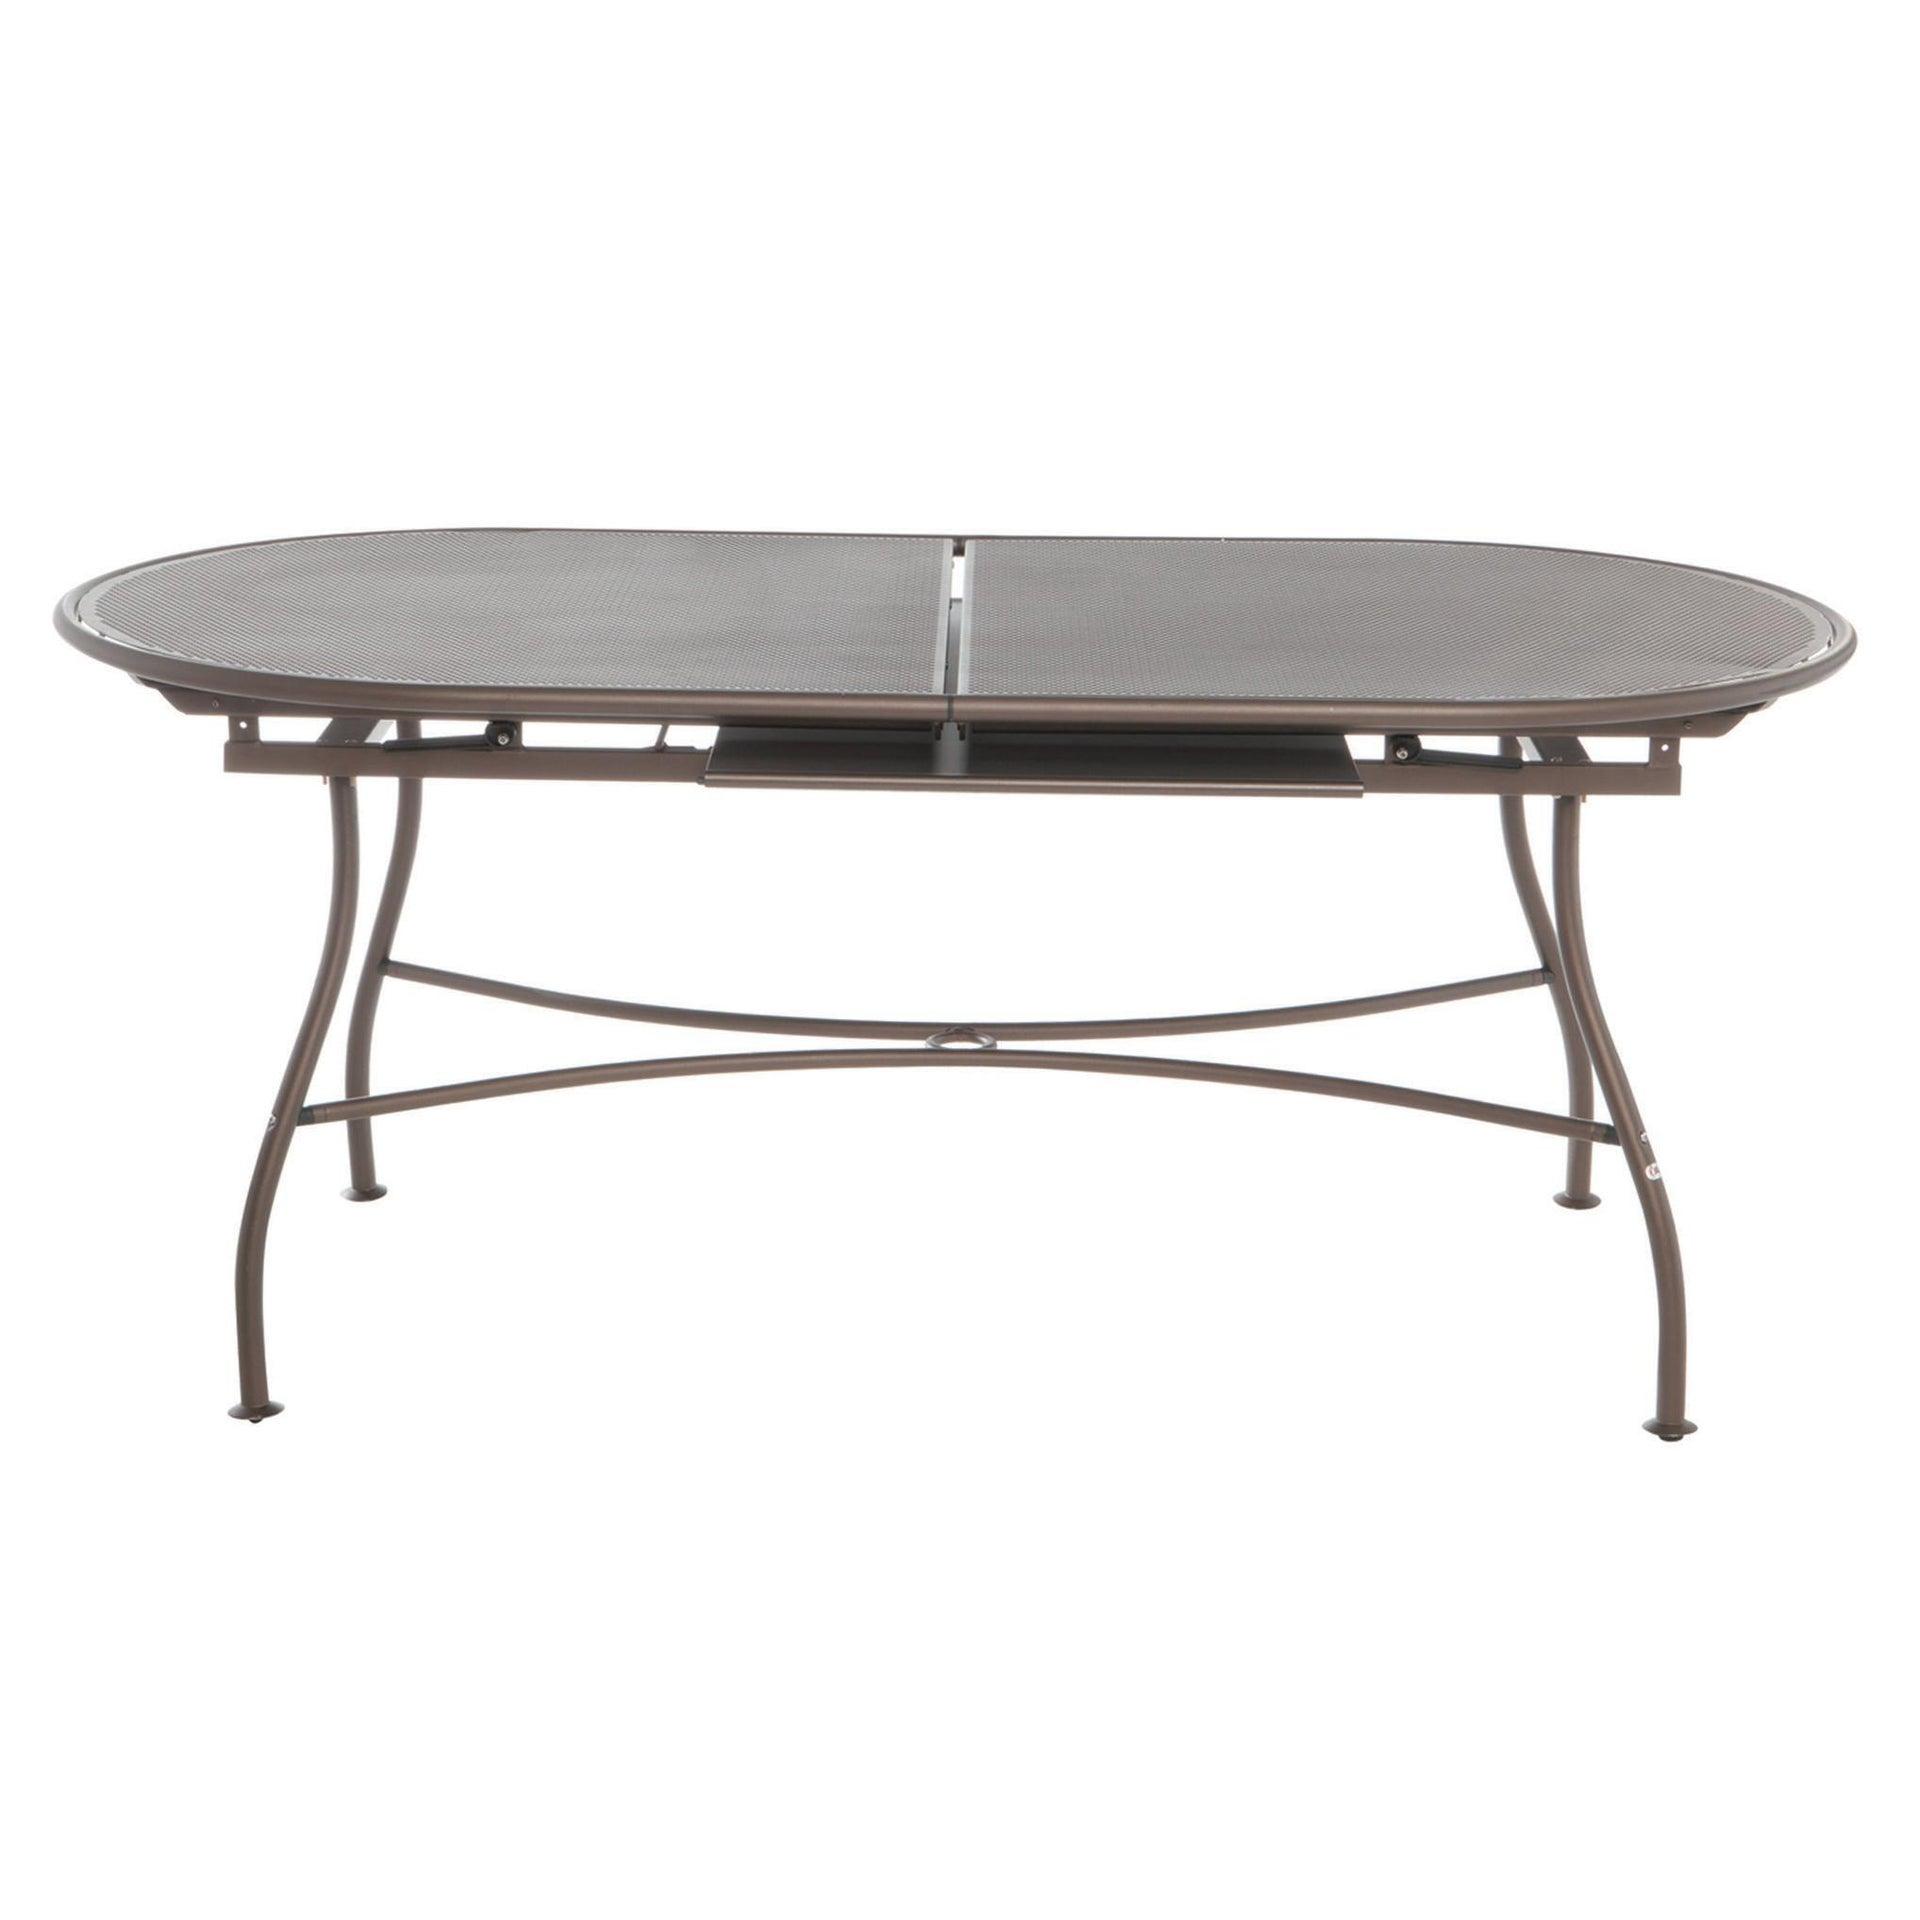 Tavolo da giardino allungabile ovale Evo con piano in alluminio L 180/240 x P 90 cm - 4